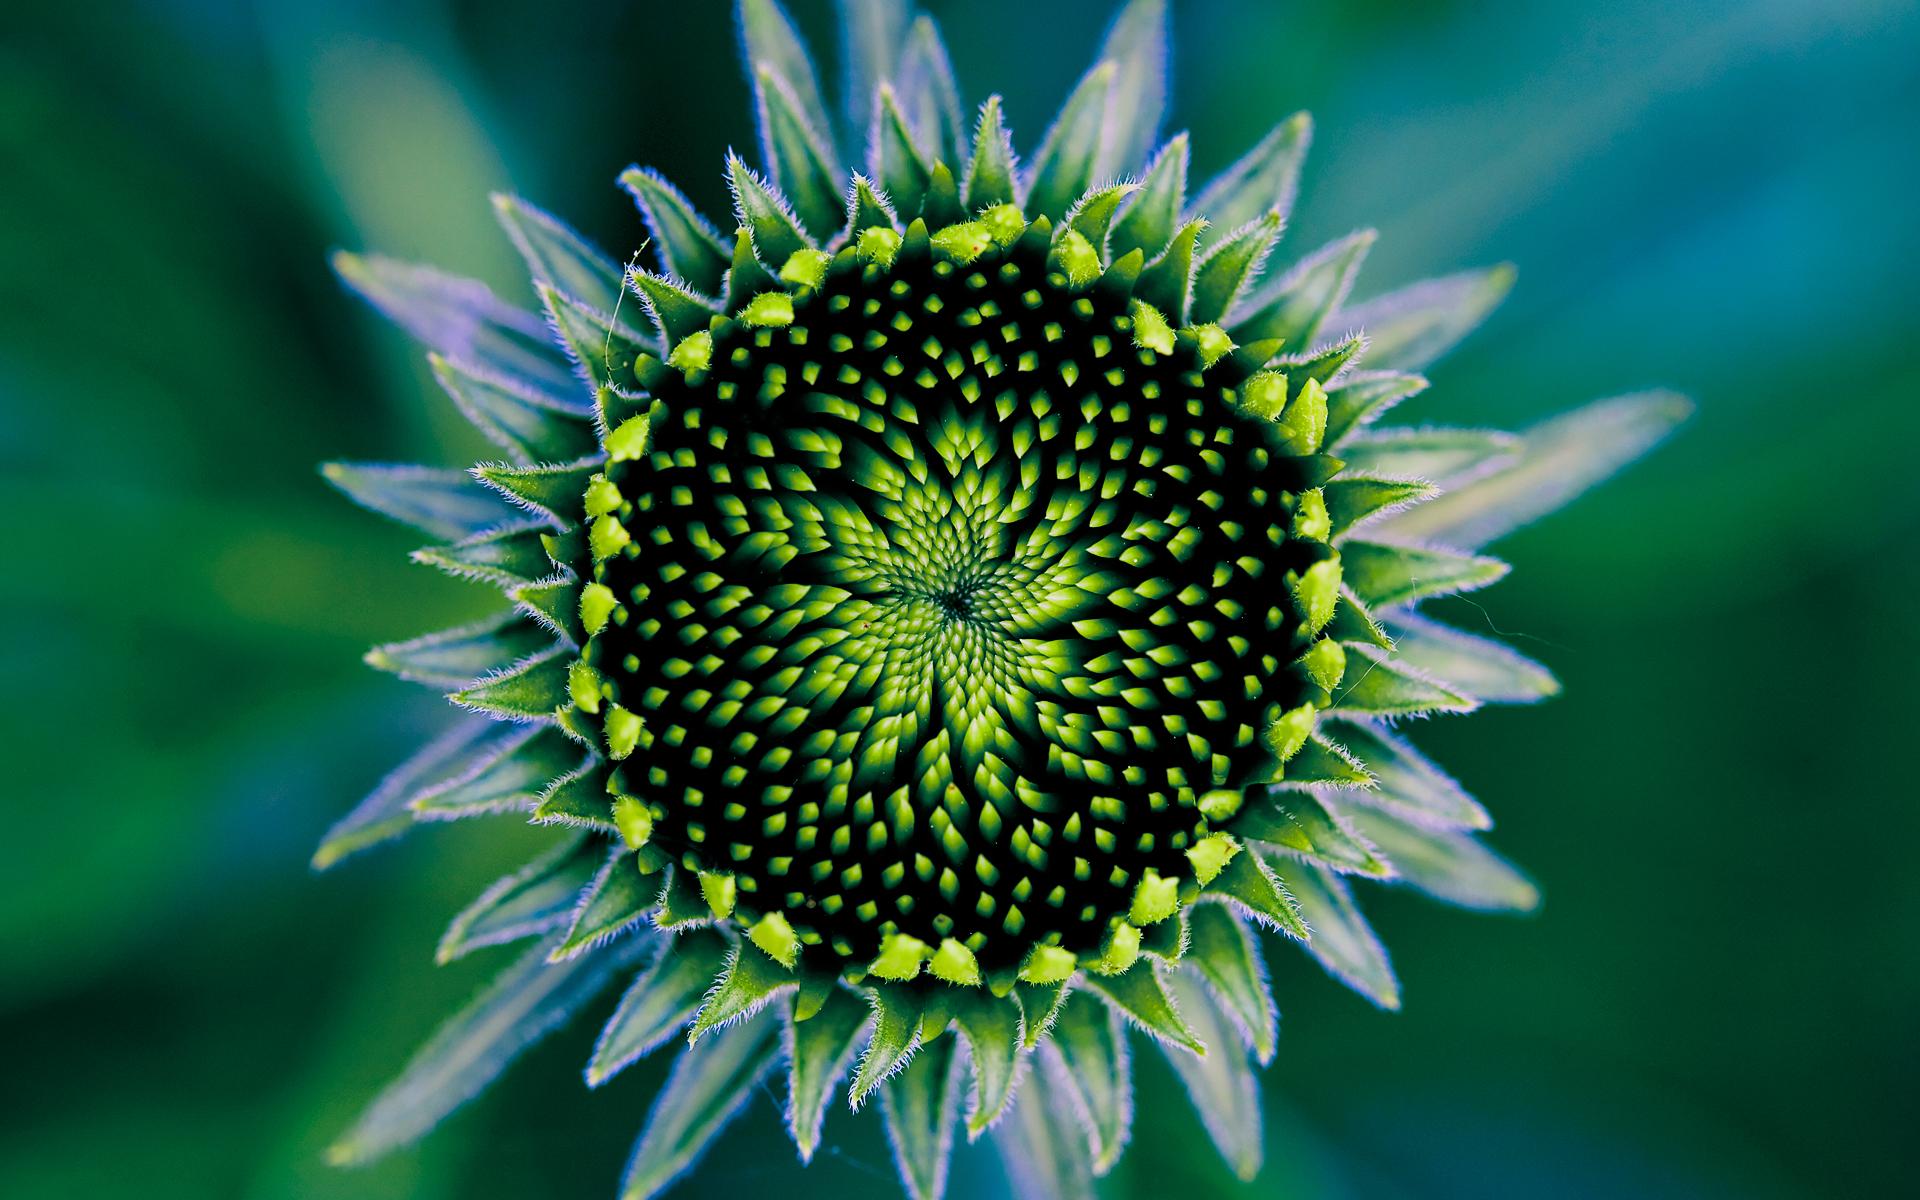 Floral Nebula by MehranMo